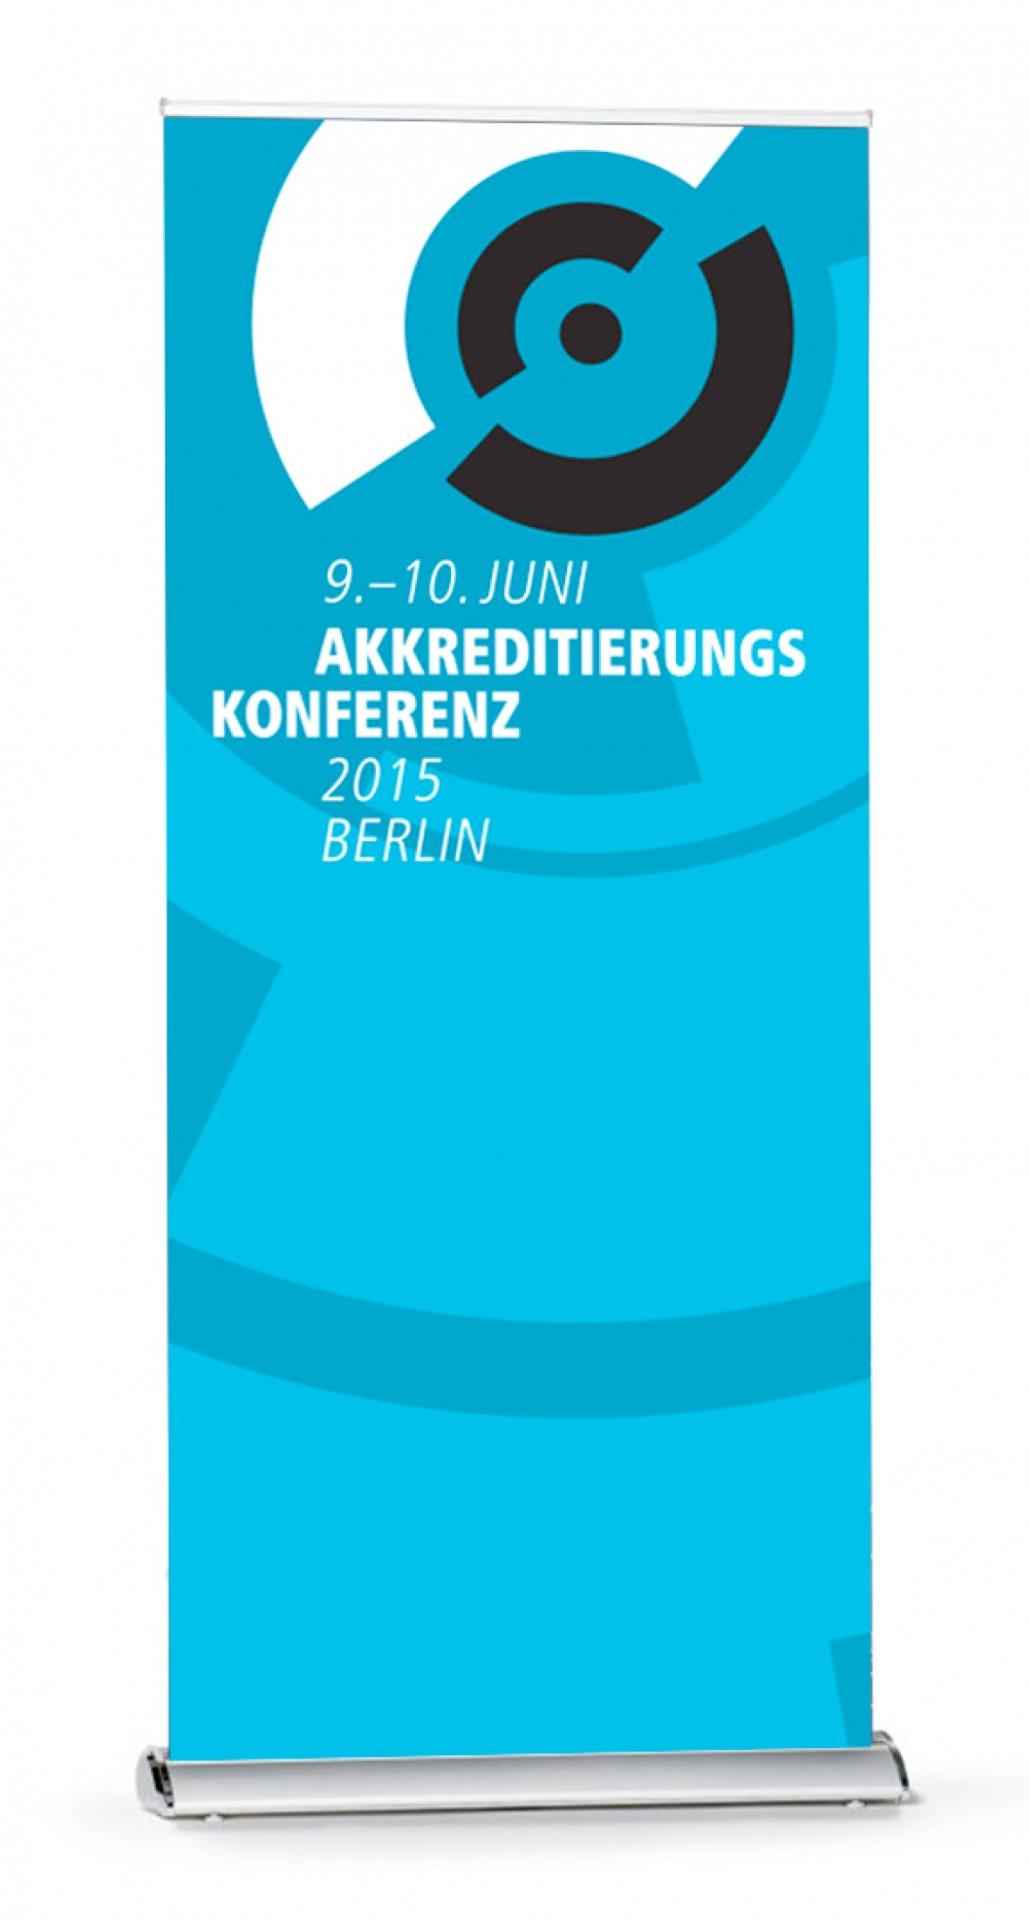 Aufsteller für die Akkreditierungskonferenz - Veranstaltungsdesign- Typoly